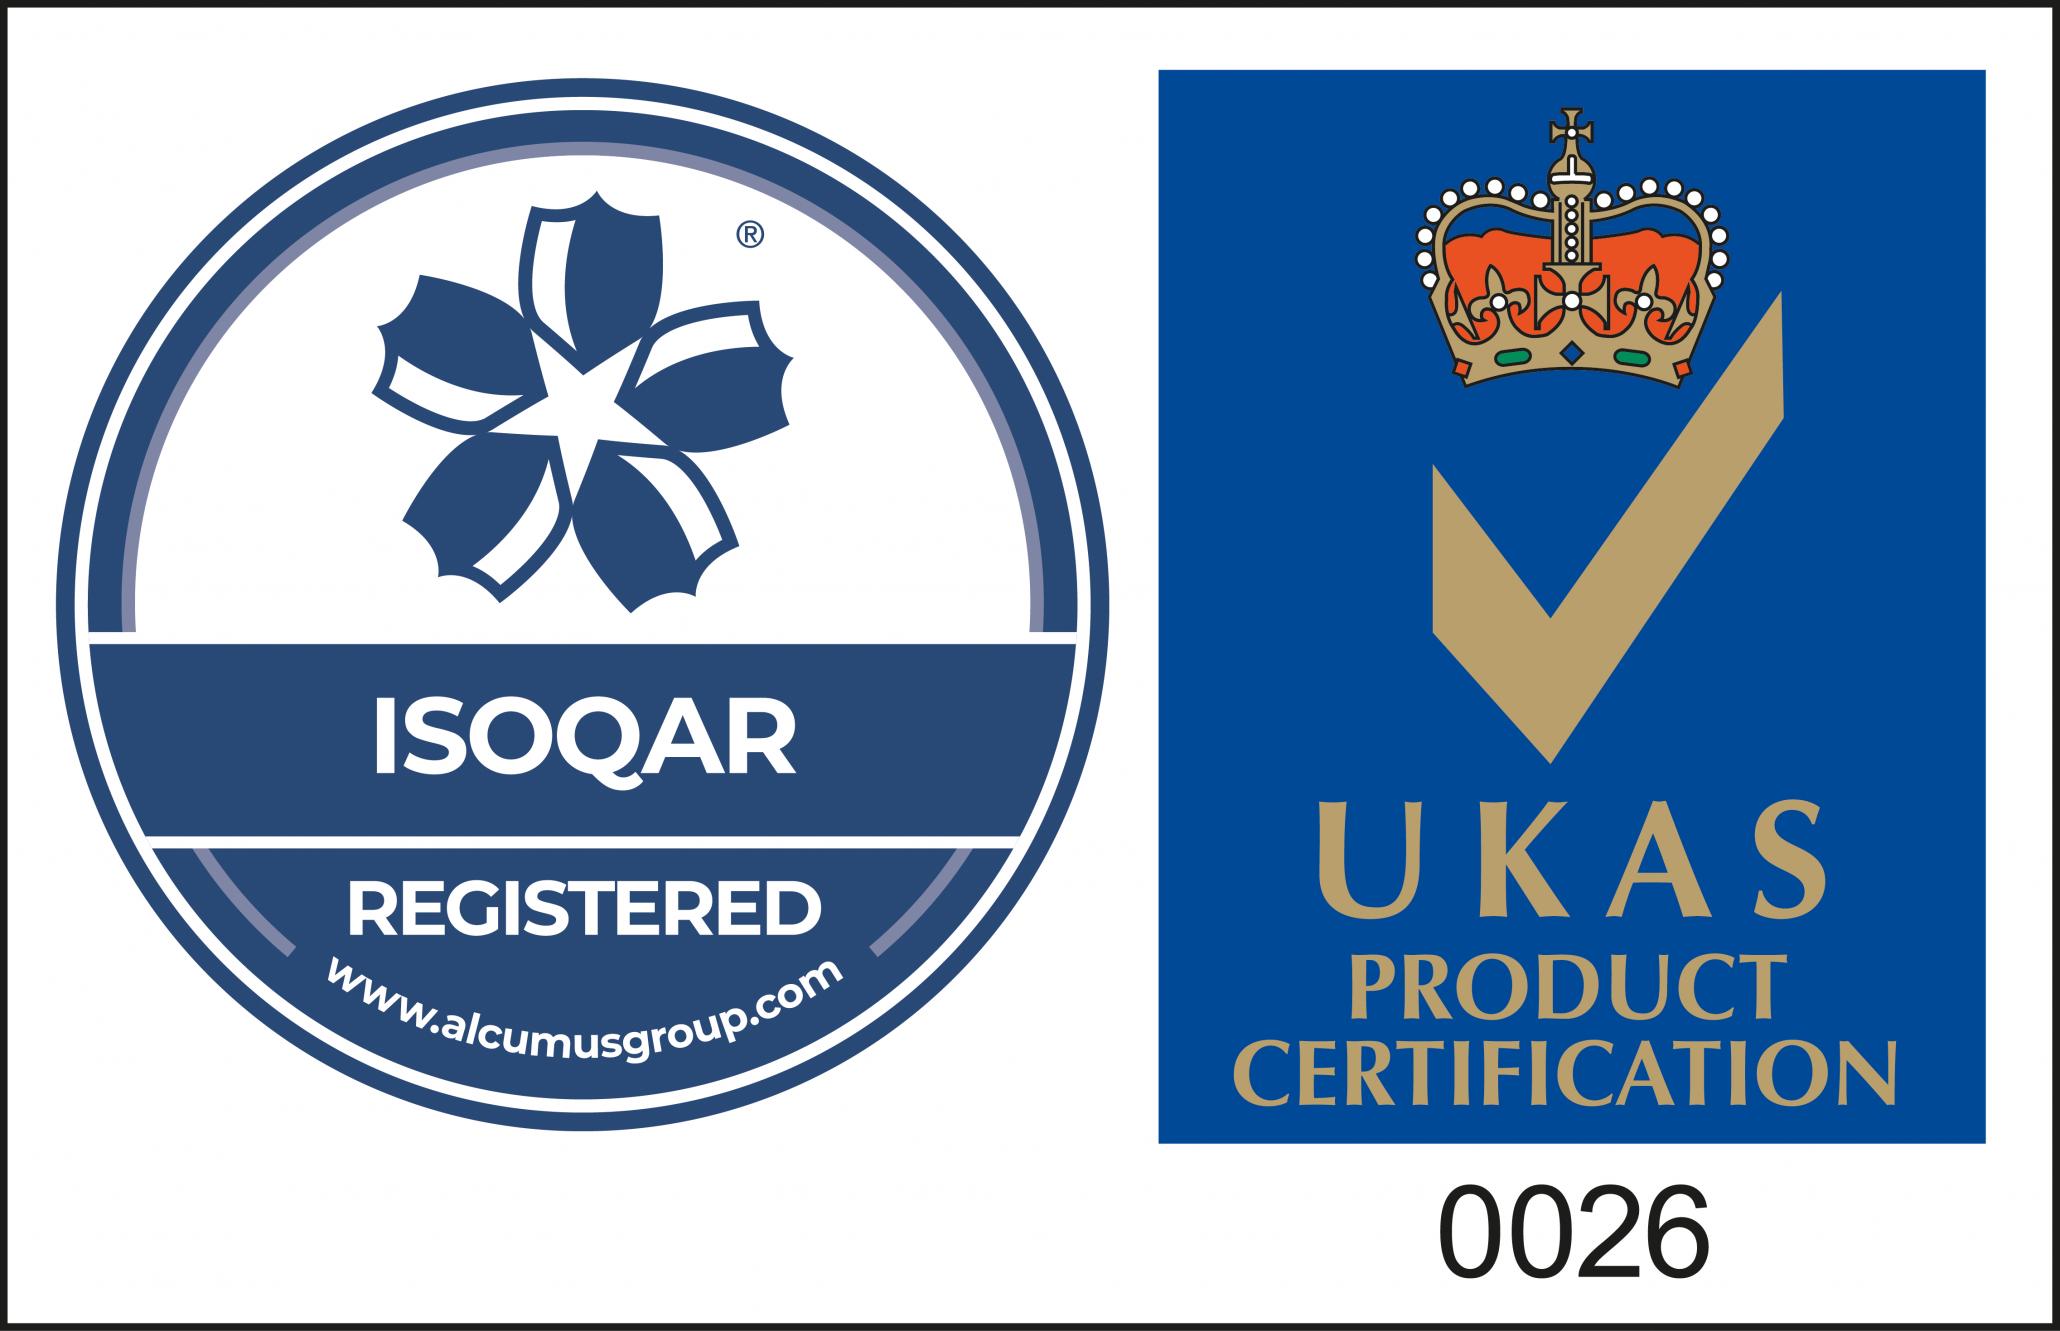 UKAS-ISOQAR-PCert-Mark-cl-27